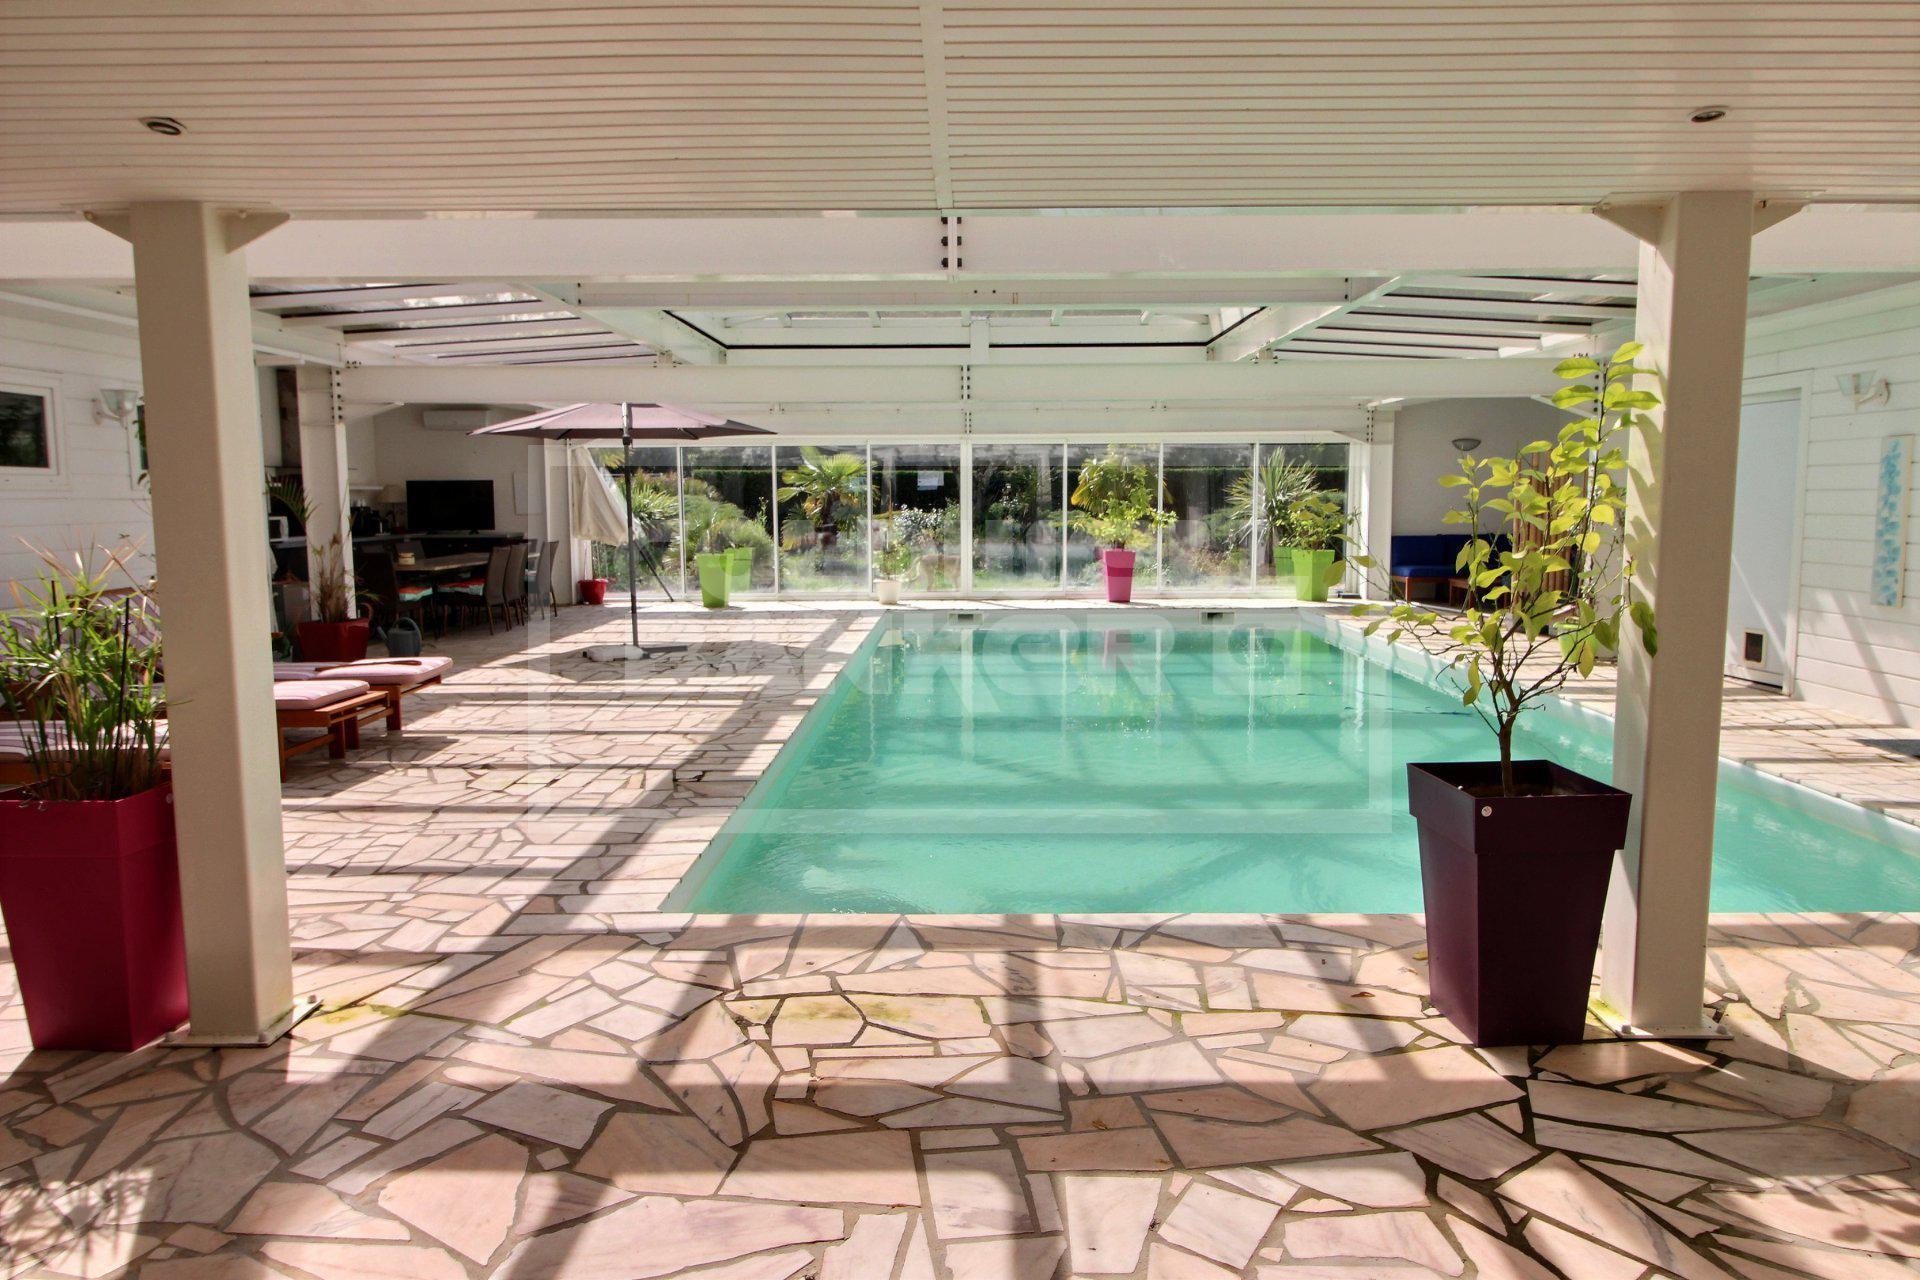 Maison D'architecte Avec Piscine Intérieure Cestas Réf. Bc1-515 destiné Piscine De Loos